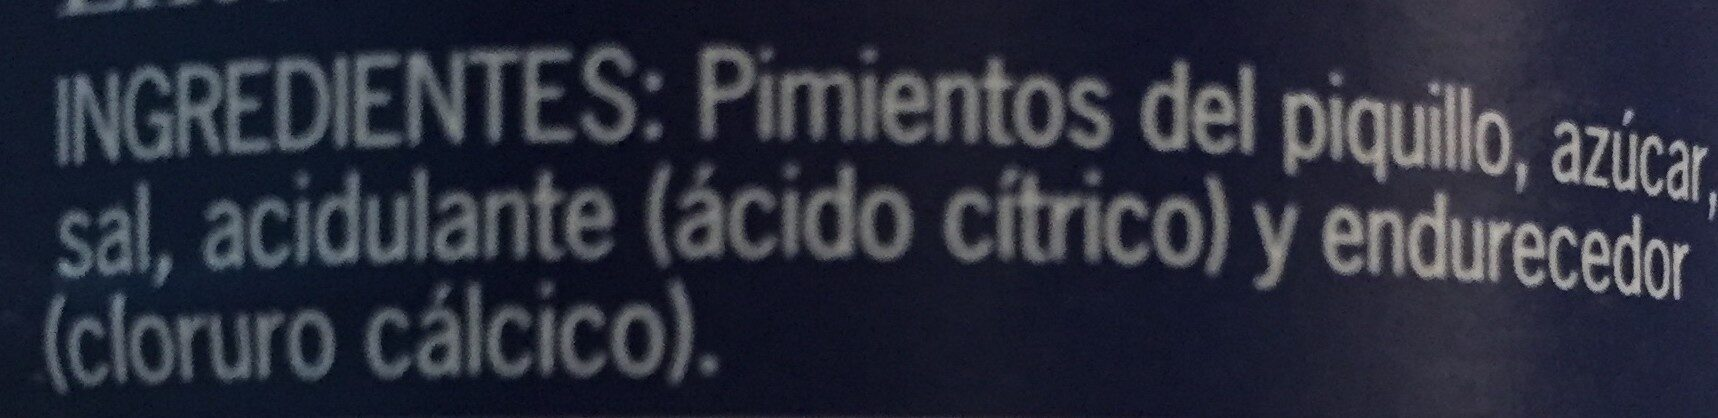 Pimientos del piquillo enteros - Ingrediënten